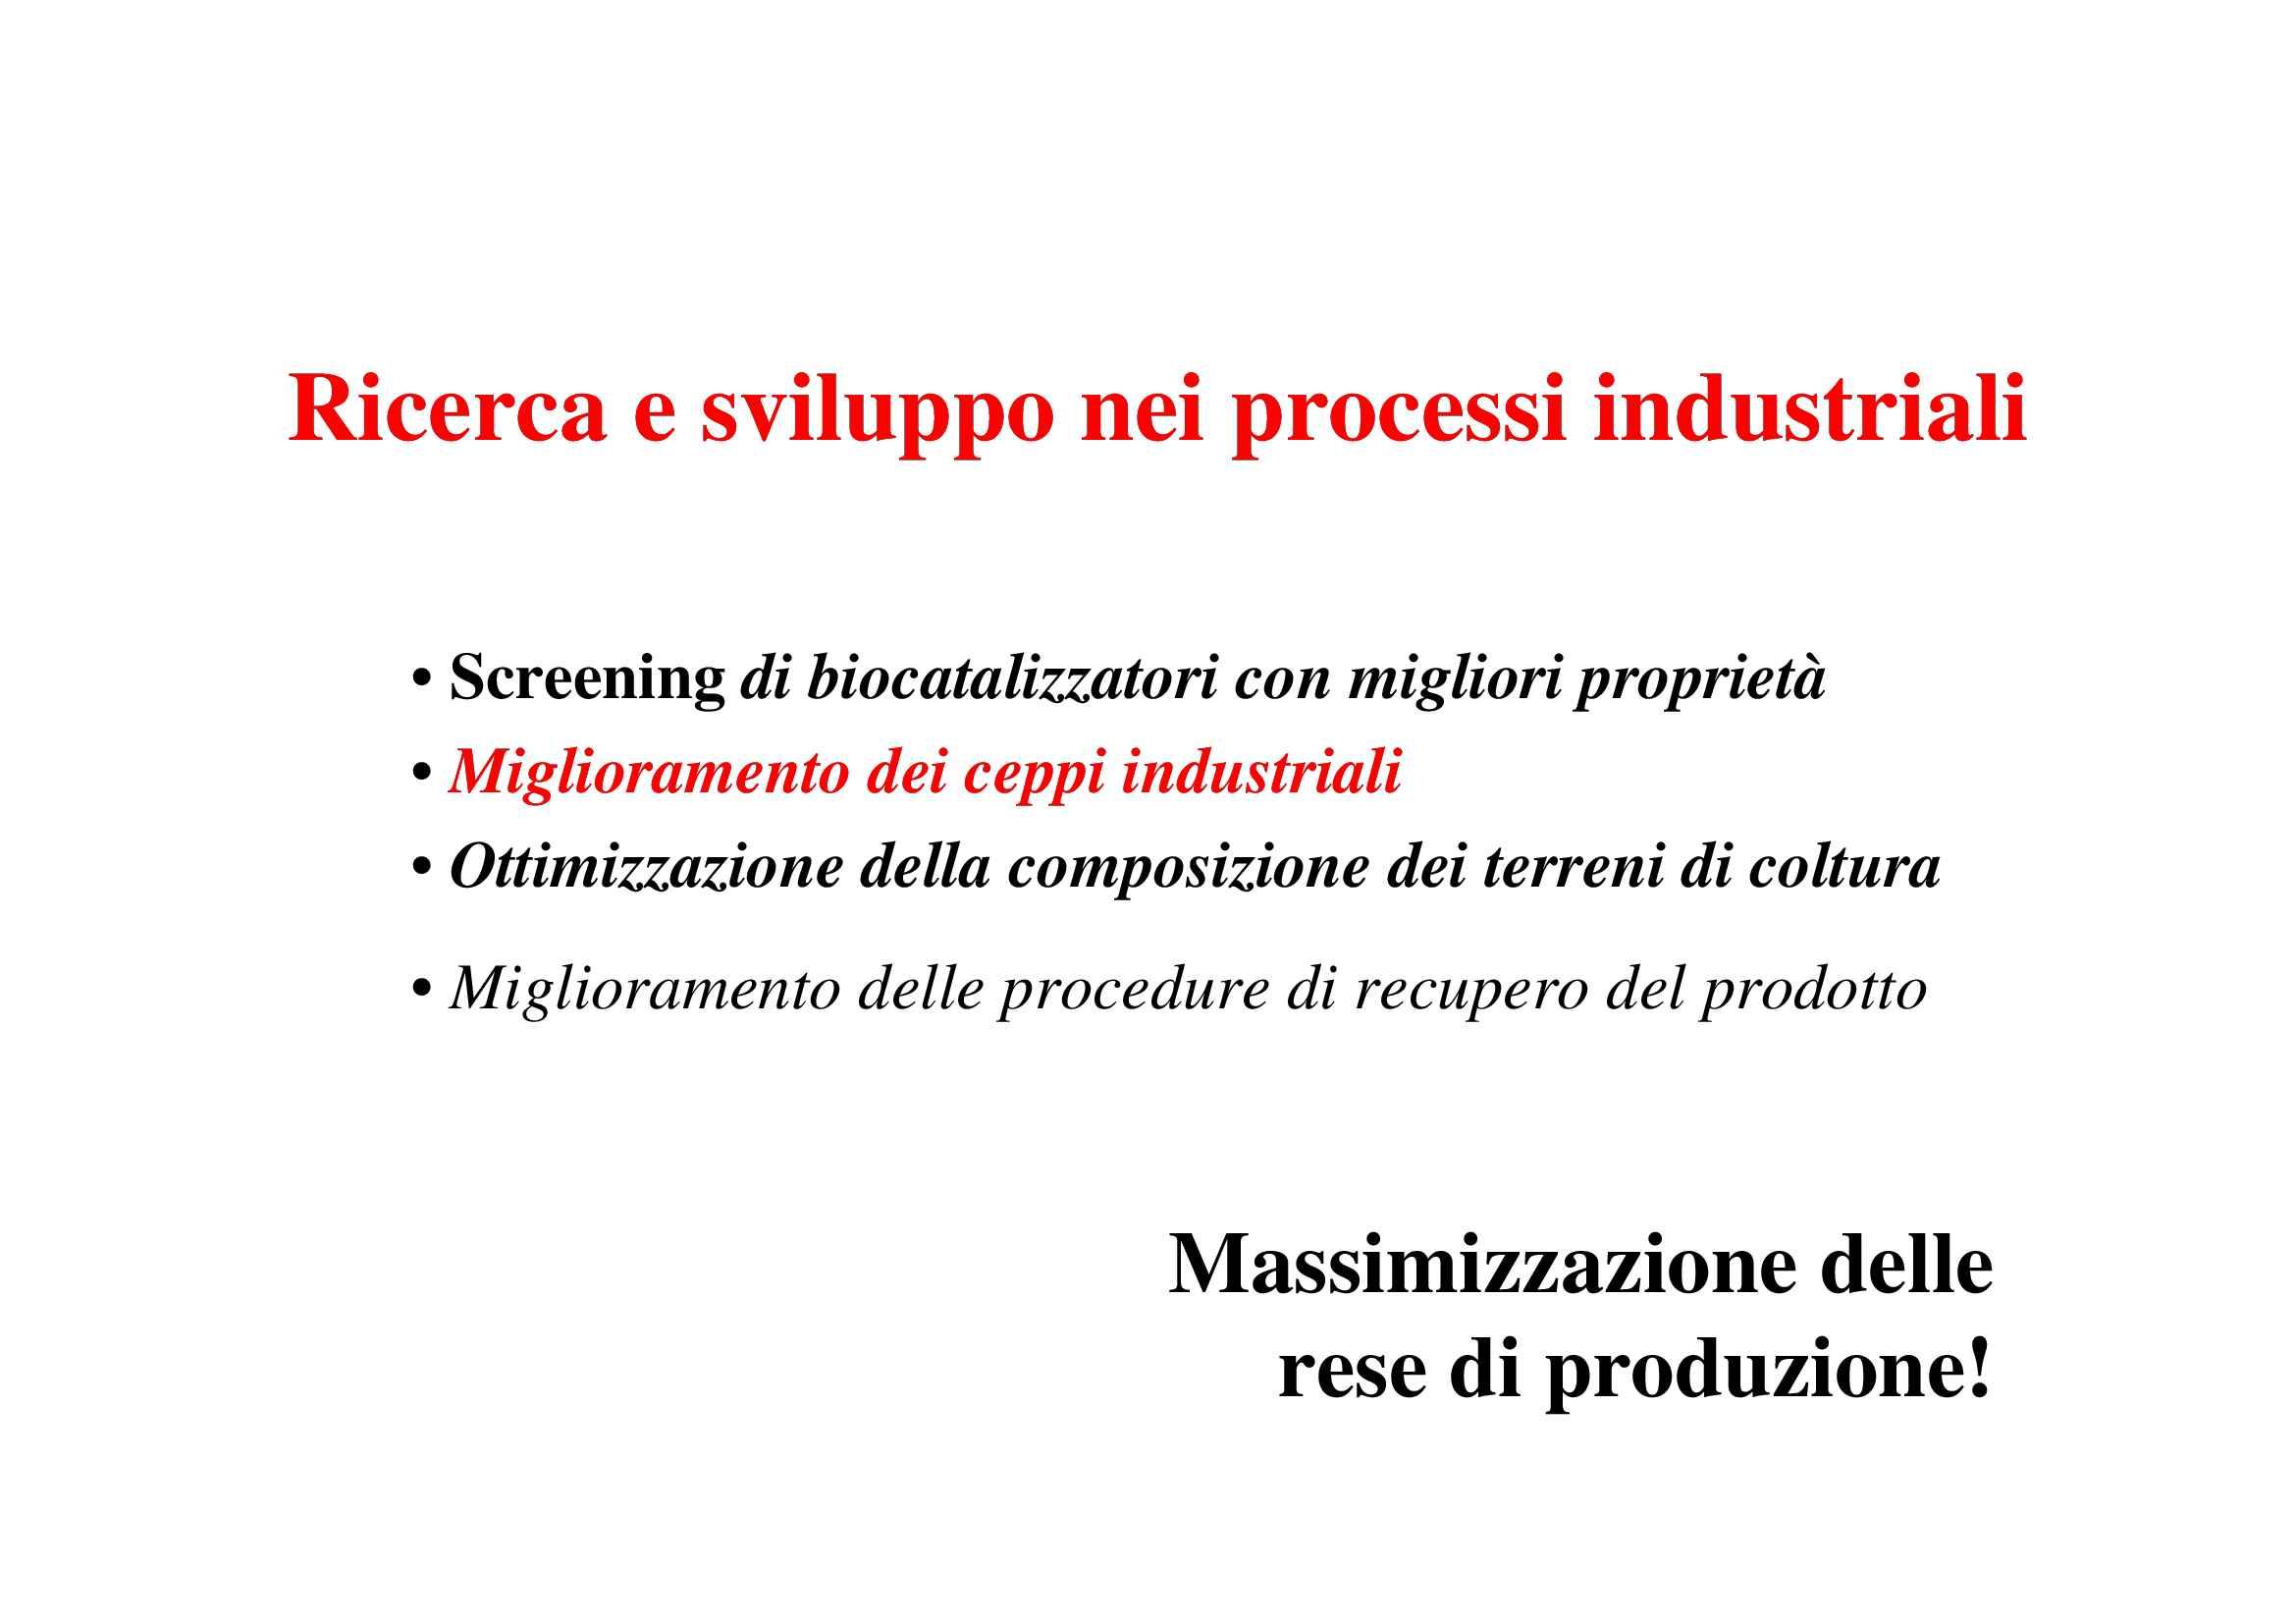 Miglioramento dei ceppi industriali